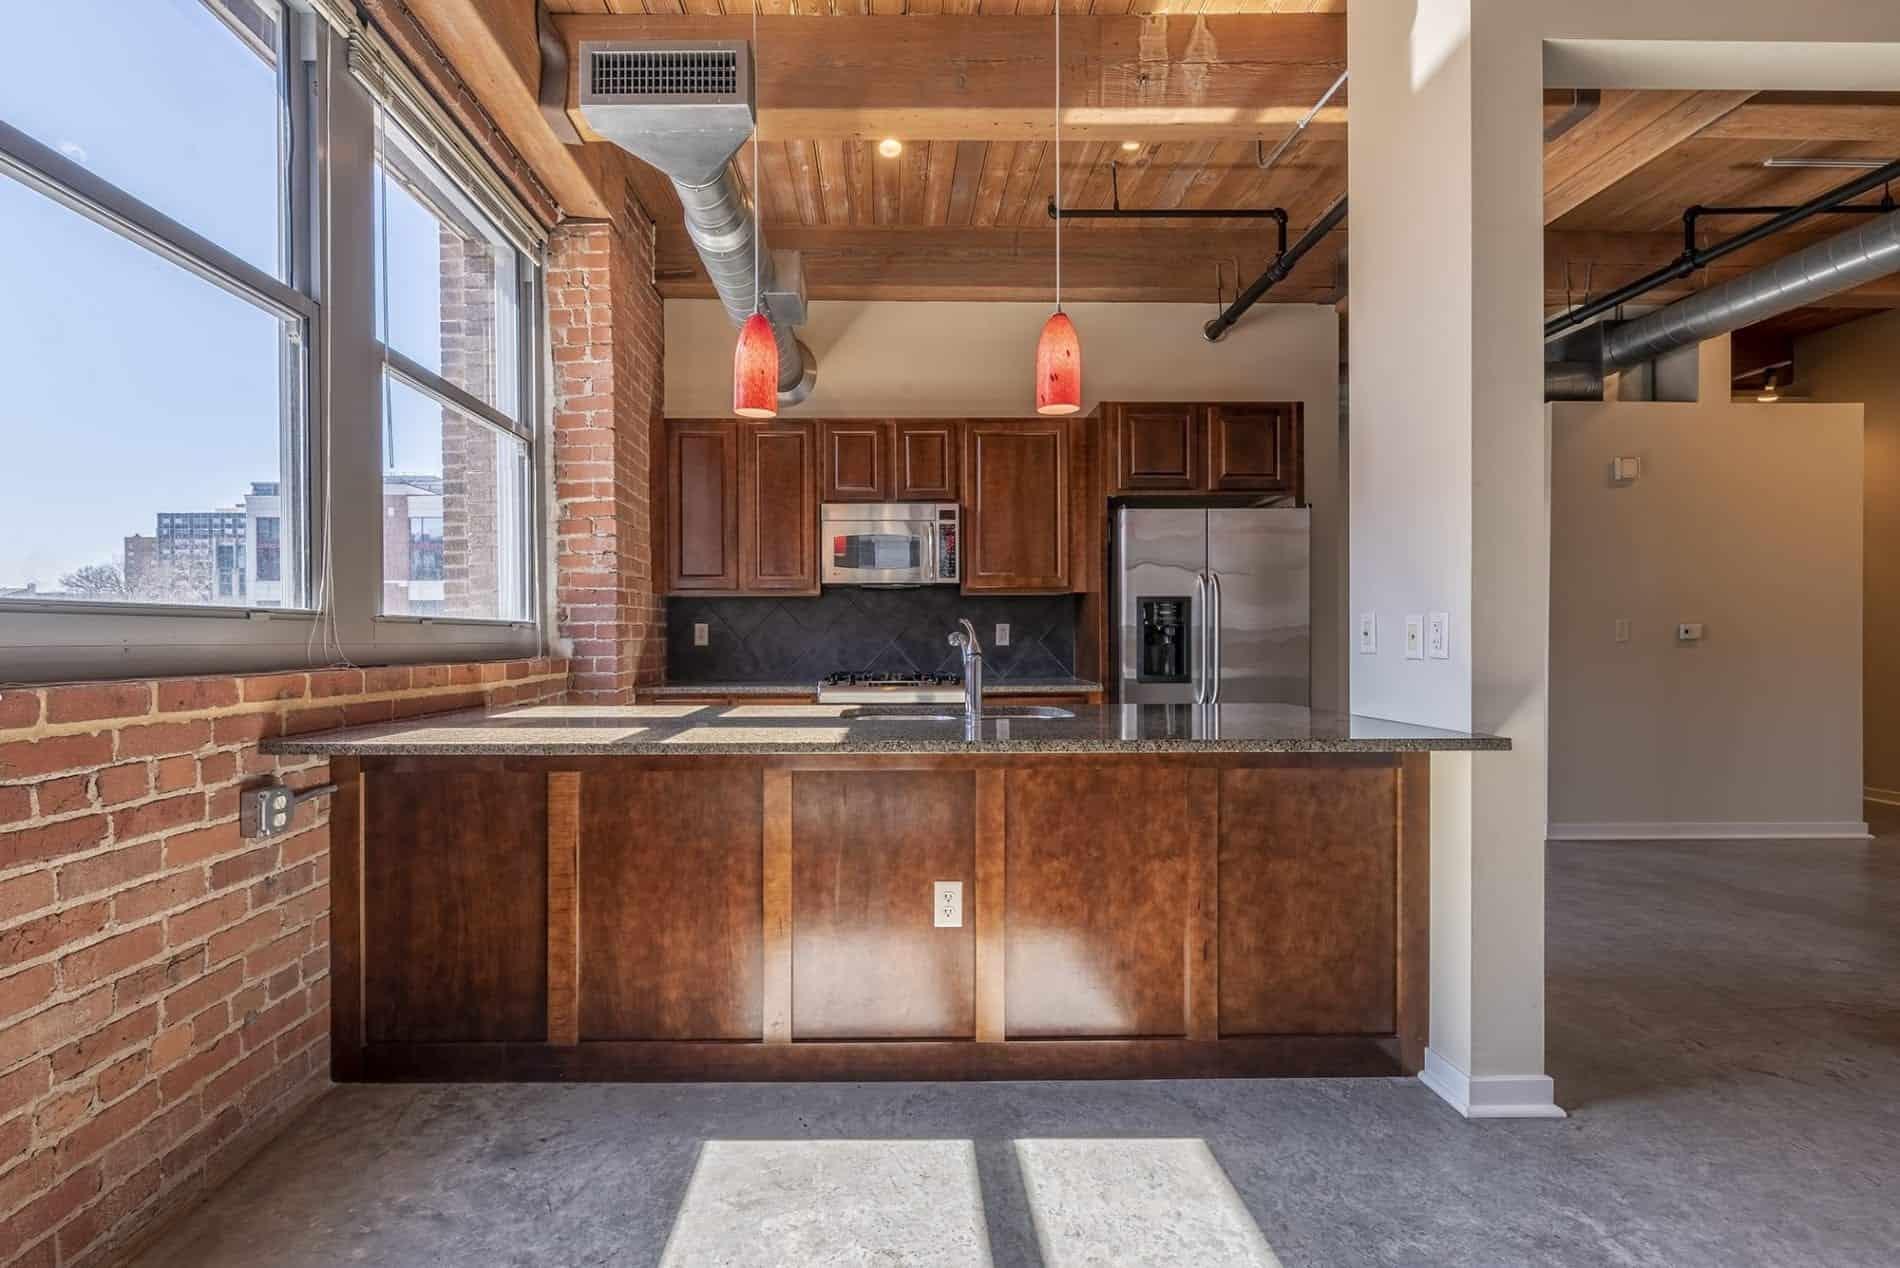 News Kansas City Lofts Condos And Apartments